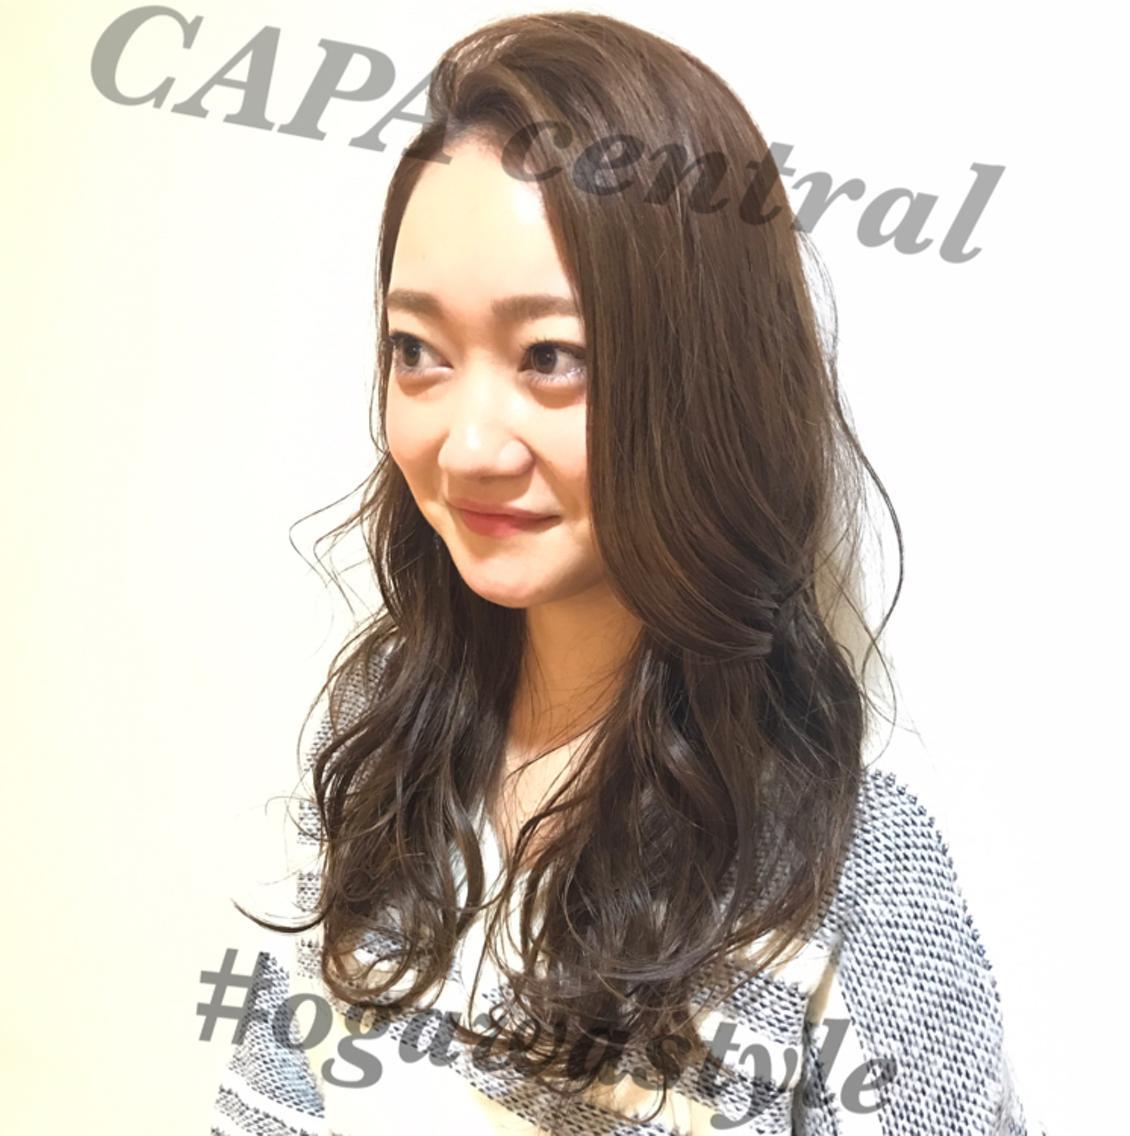 モデルさん募集中です‼︎      福岡市中央区大名美容室CAPA Hair design Central